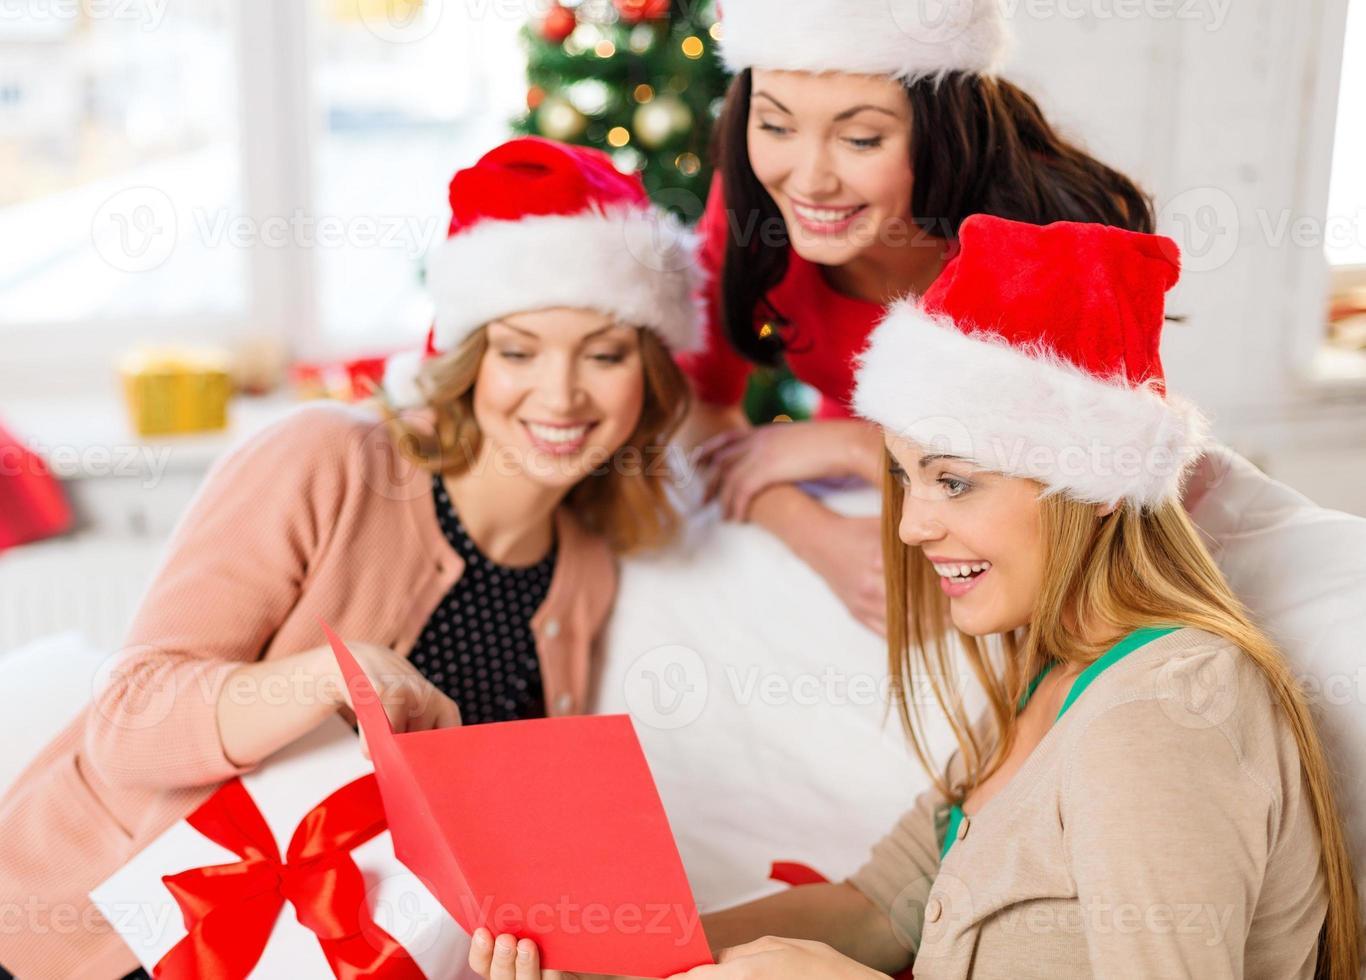 mulheres em chapéus de ajudante de Papai Noel com cartão e presentes foto